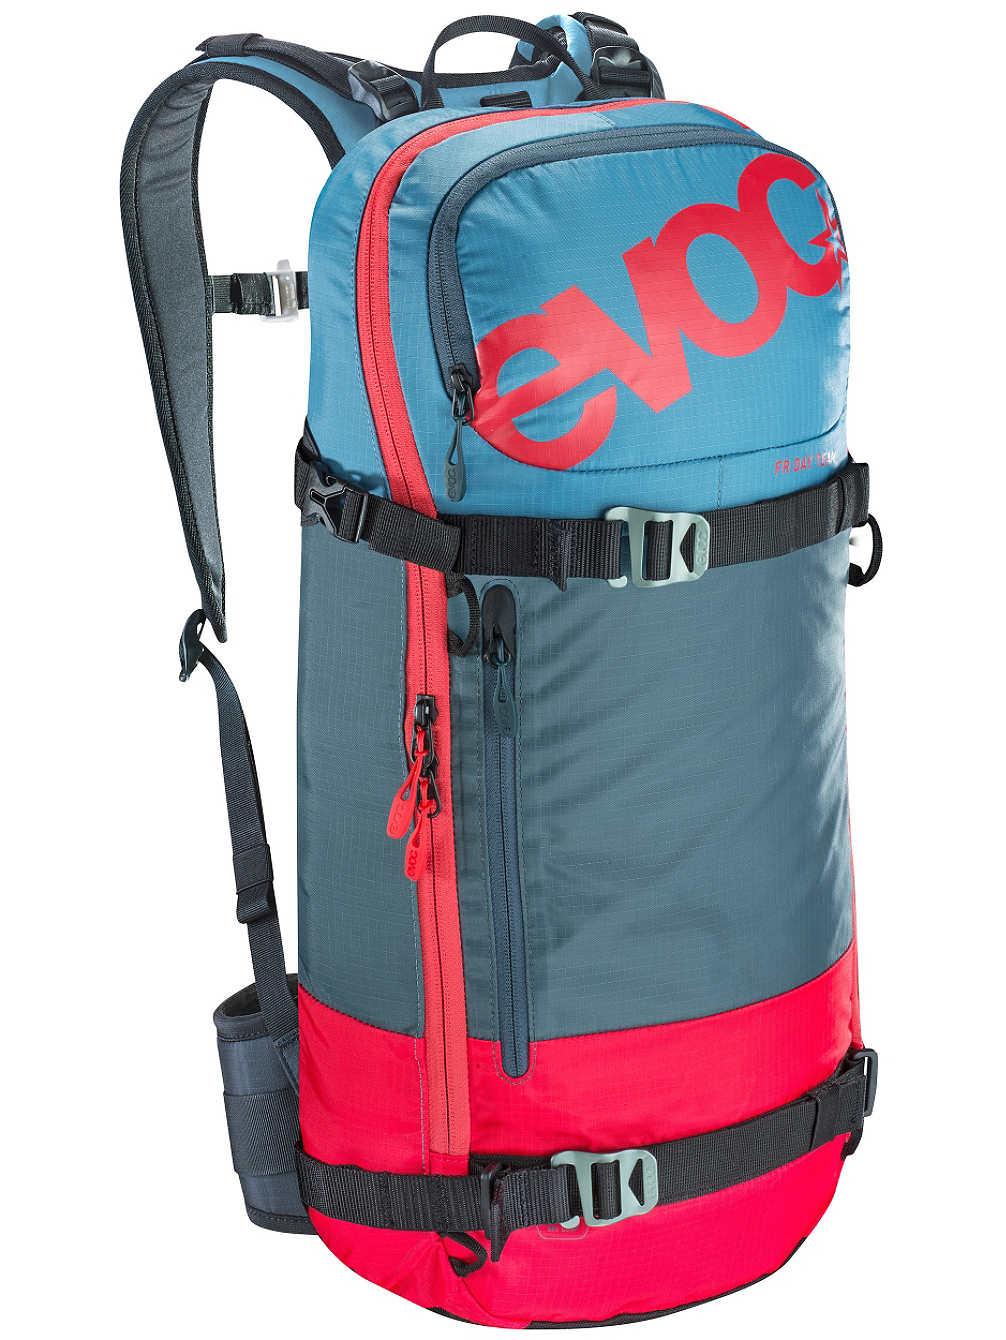 Kleine, extra lichte dag rugzak met geïntegreerde beschermer. Rugbeschermer snowboard